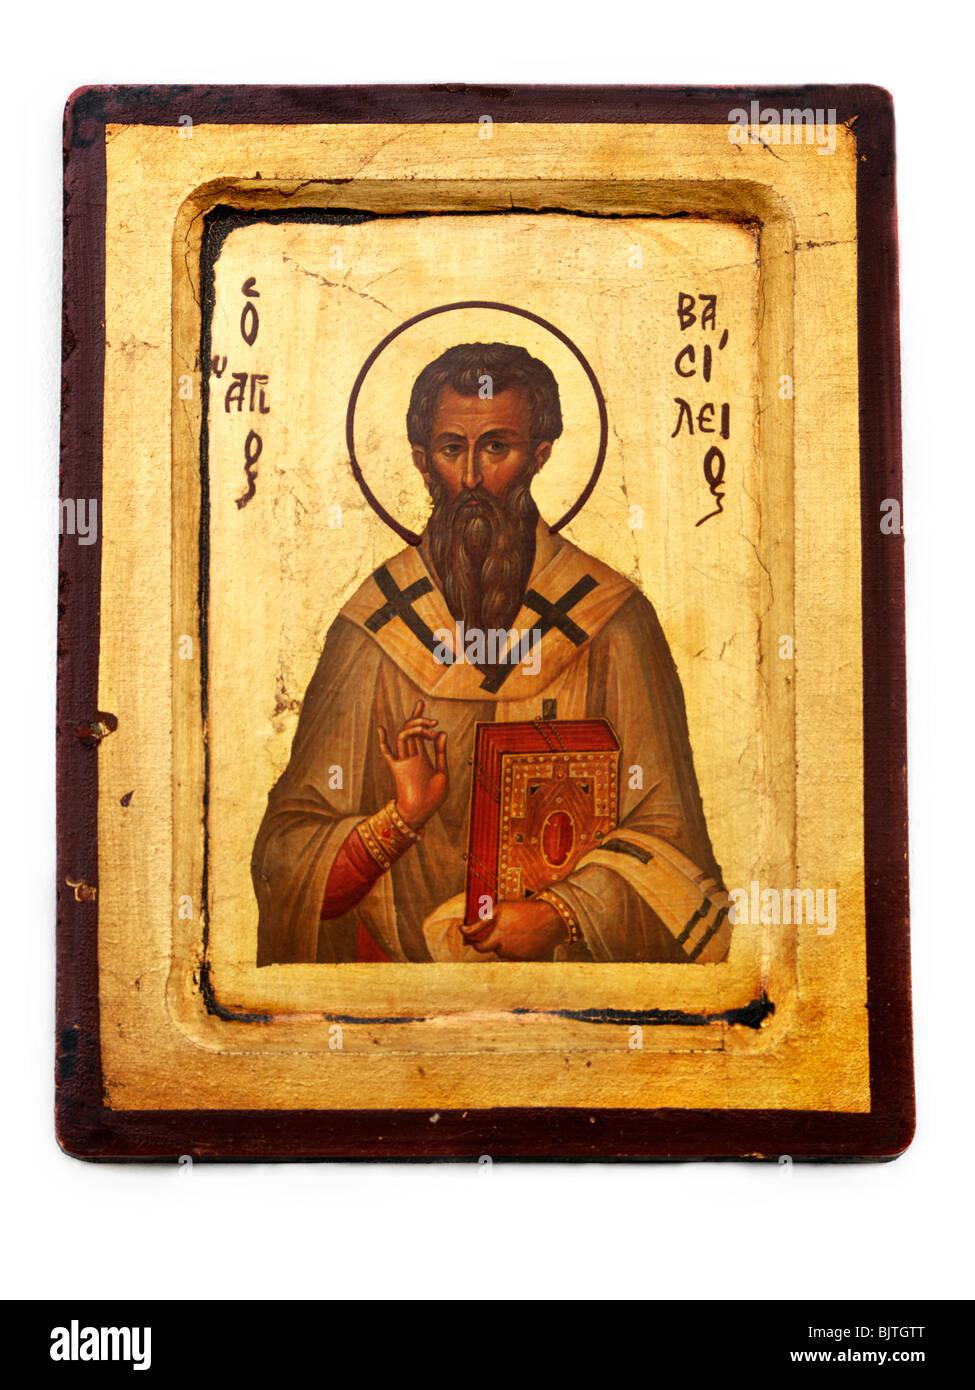 Greek Orthodox Byzantine Icon of St Basil - Stock Image